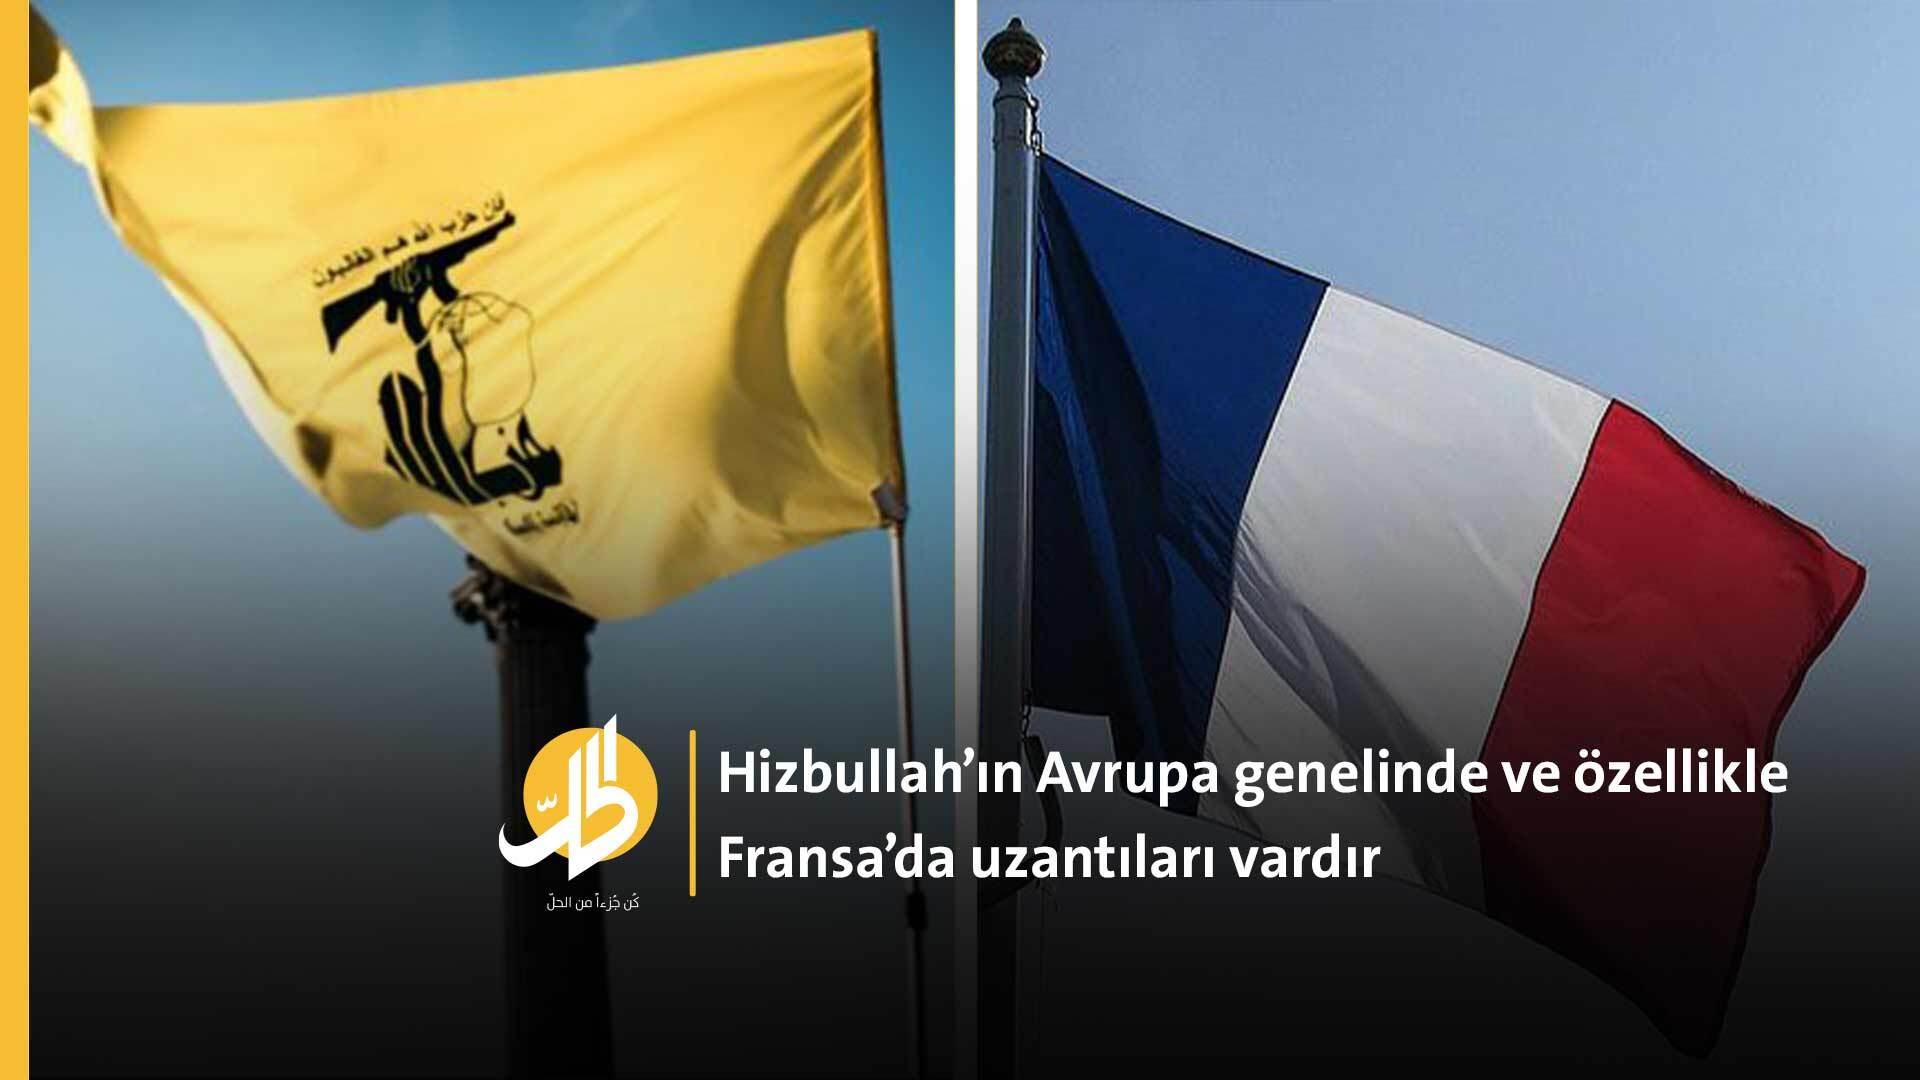 Hizbullah Fransa'da ağını örüyor..  Avrupa, toprağındaki İran milislerinin kaynaklarını kurutmayı başaracak mı?